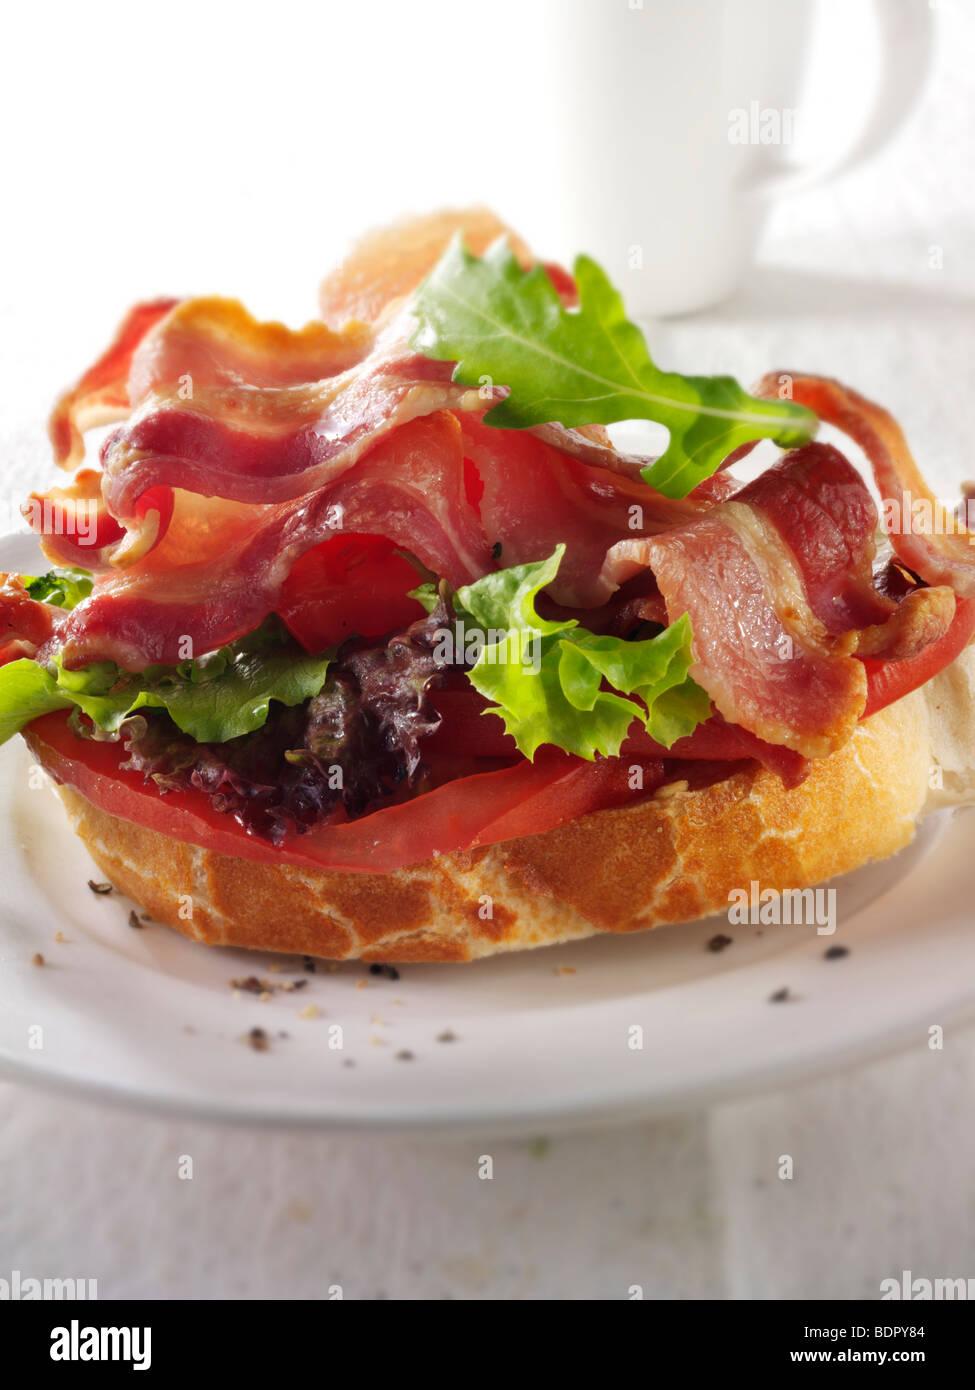 Bacon, lechuga y tomate BLT sandwich Imagen De Stock